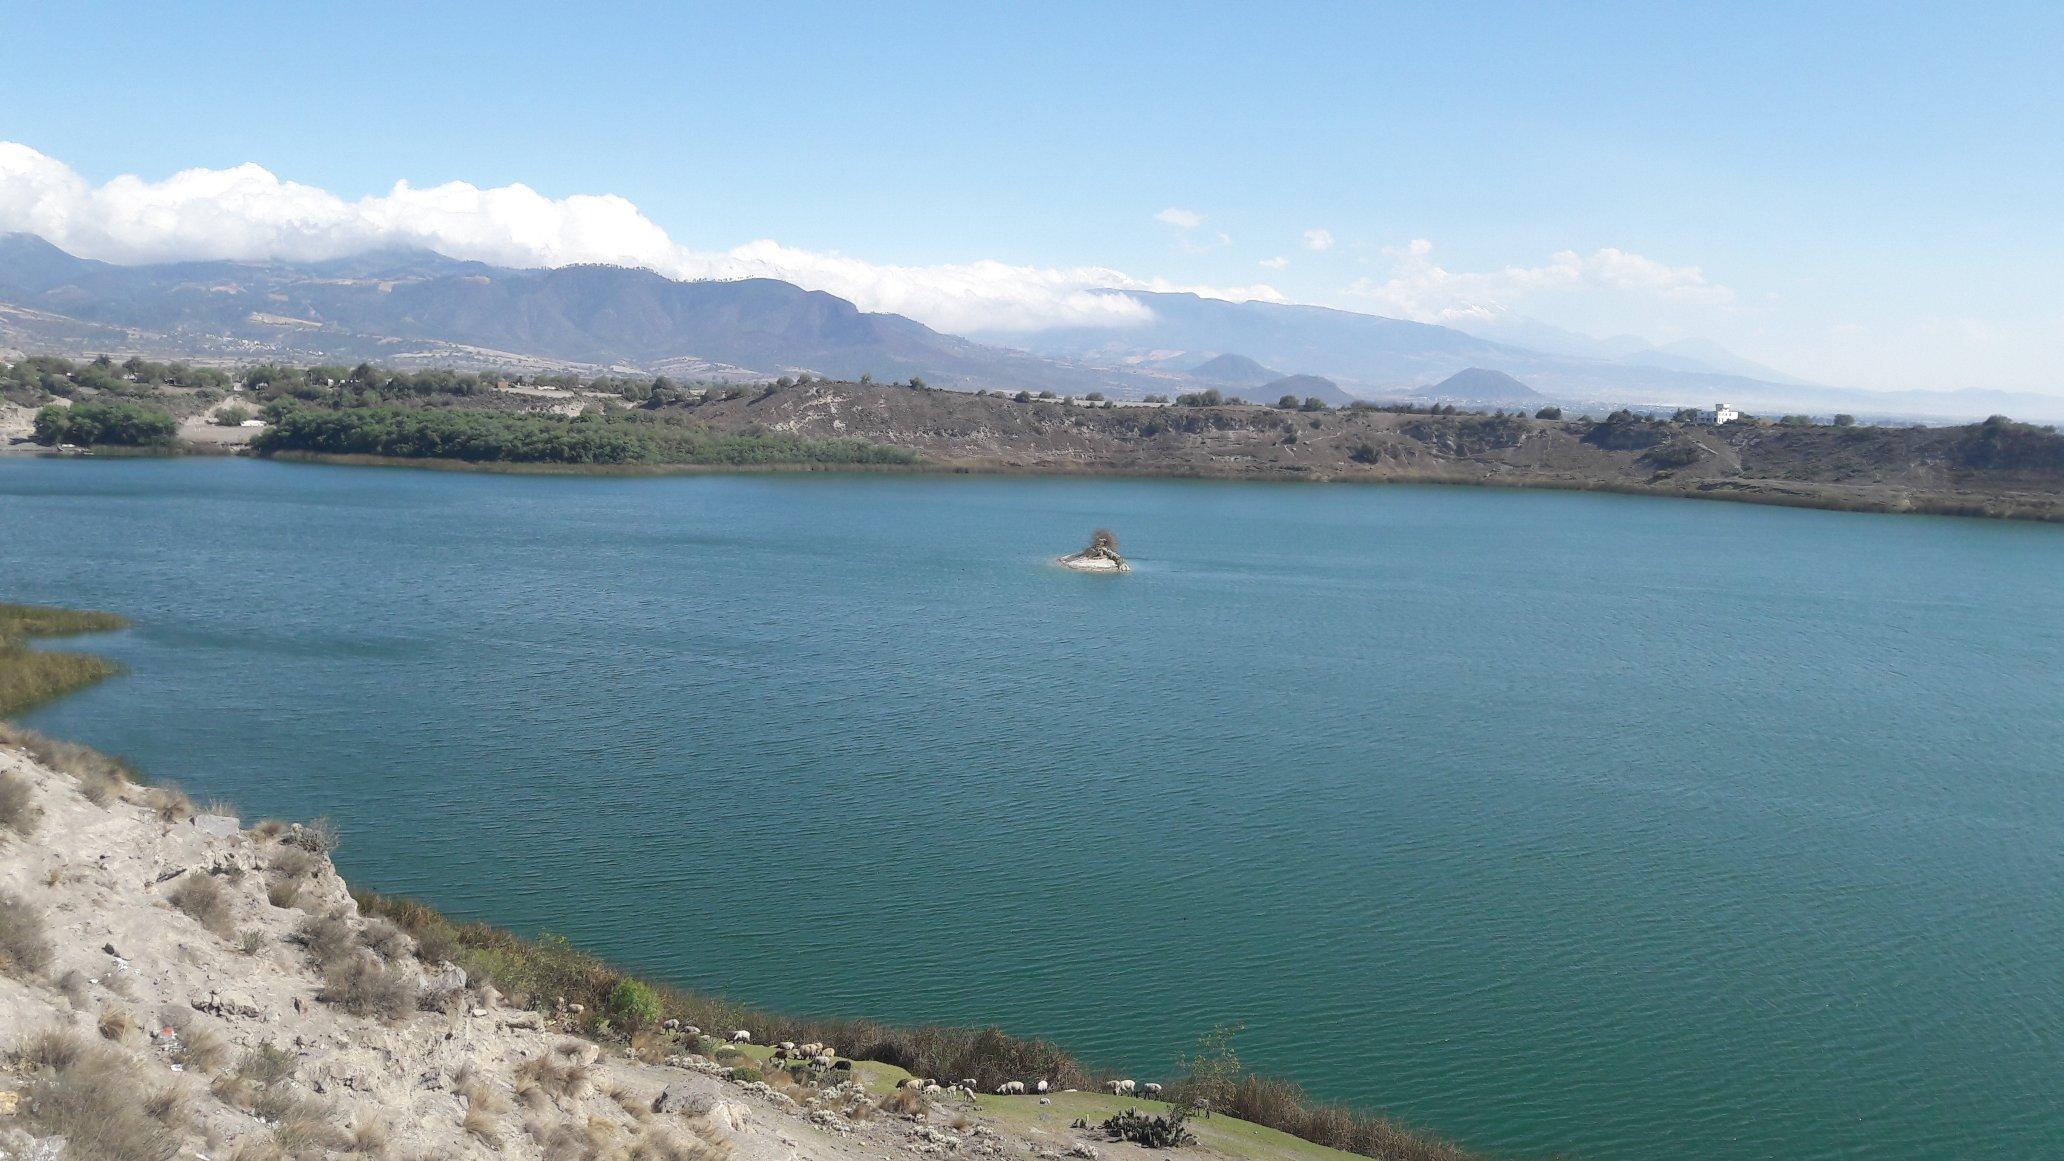 Lagunas dentro de cráteres volcánicos en Puebla